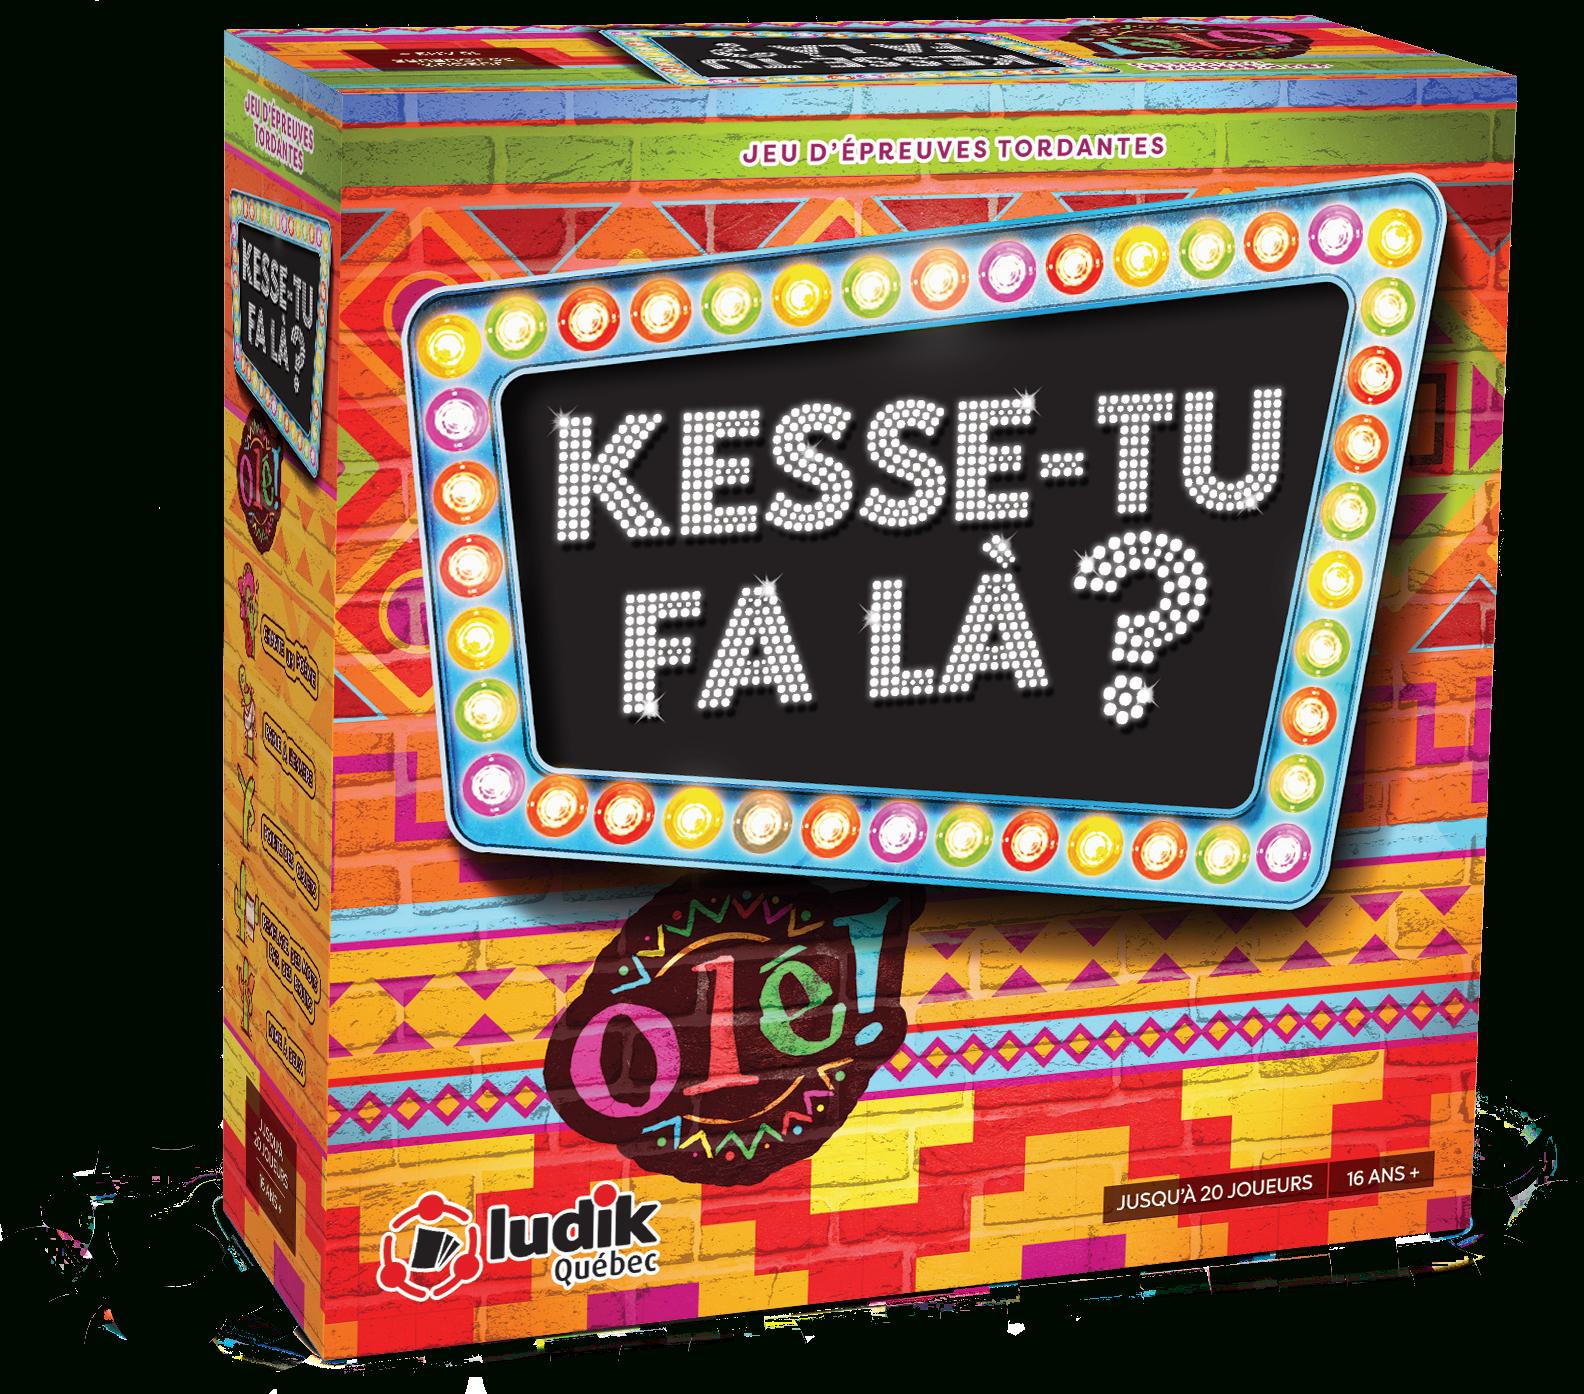 Ludik Québec à Jeux Educatif 5 Ans